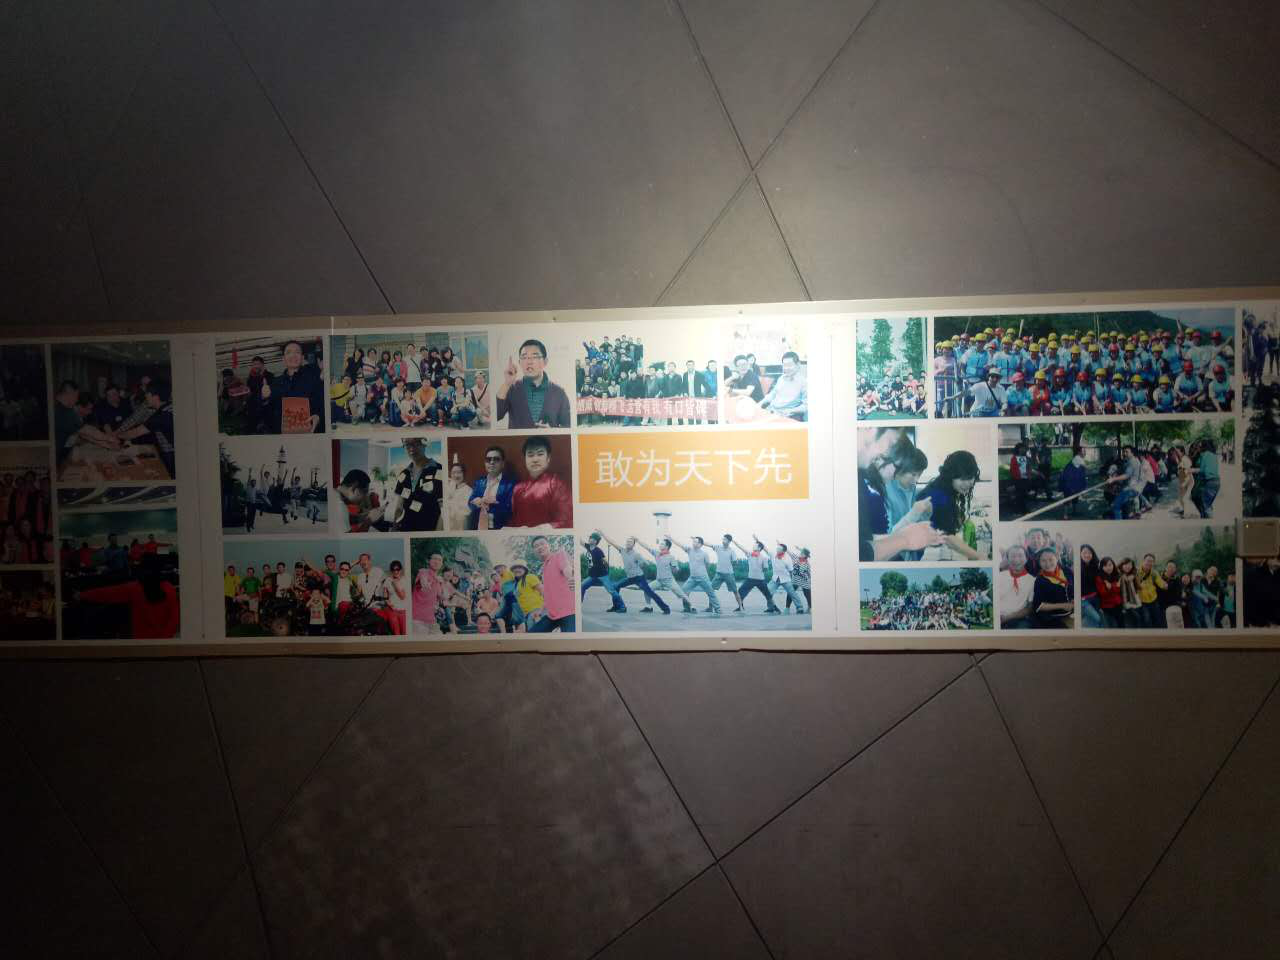 图立方LED摄影灯阿里巴巴总部杭州滨江园区游学小记